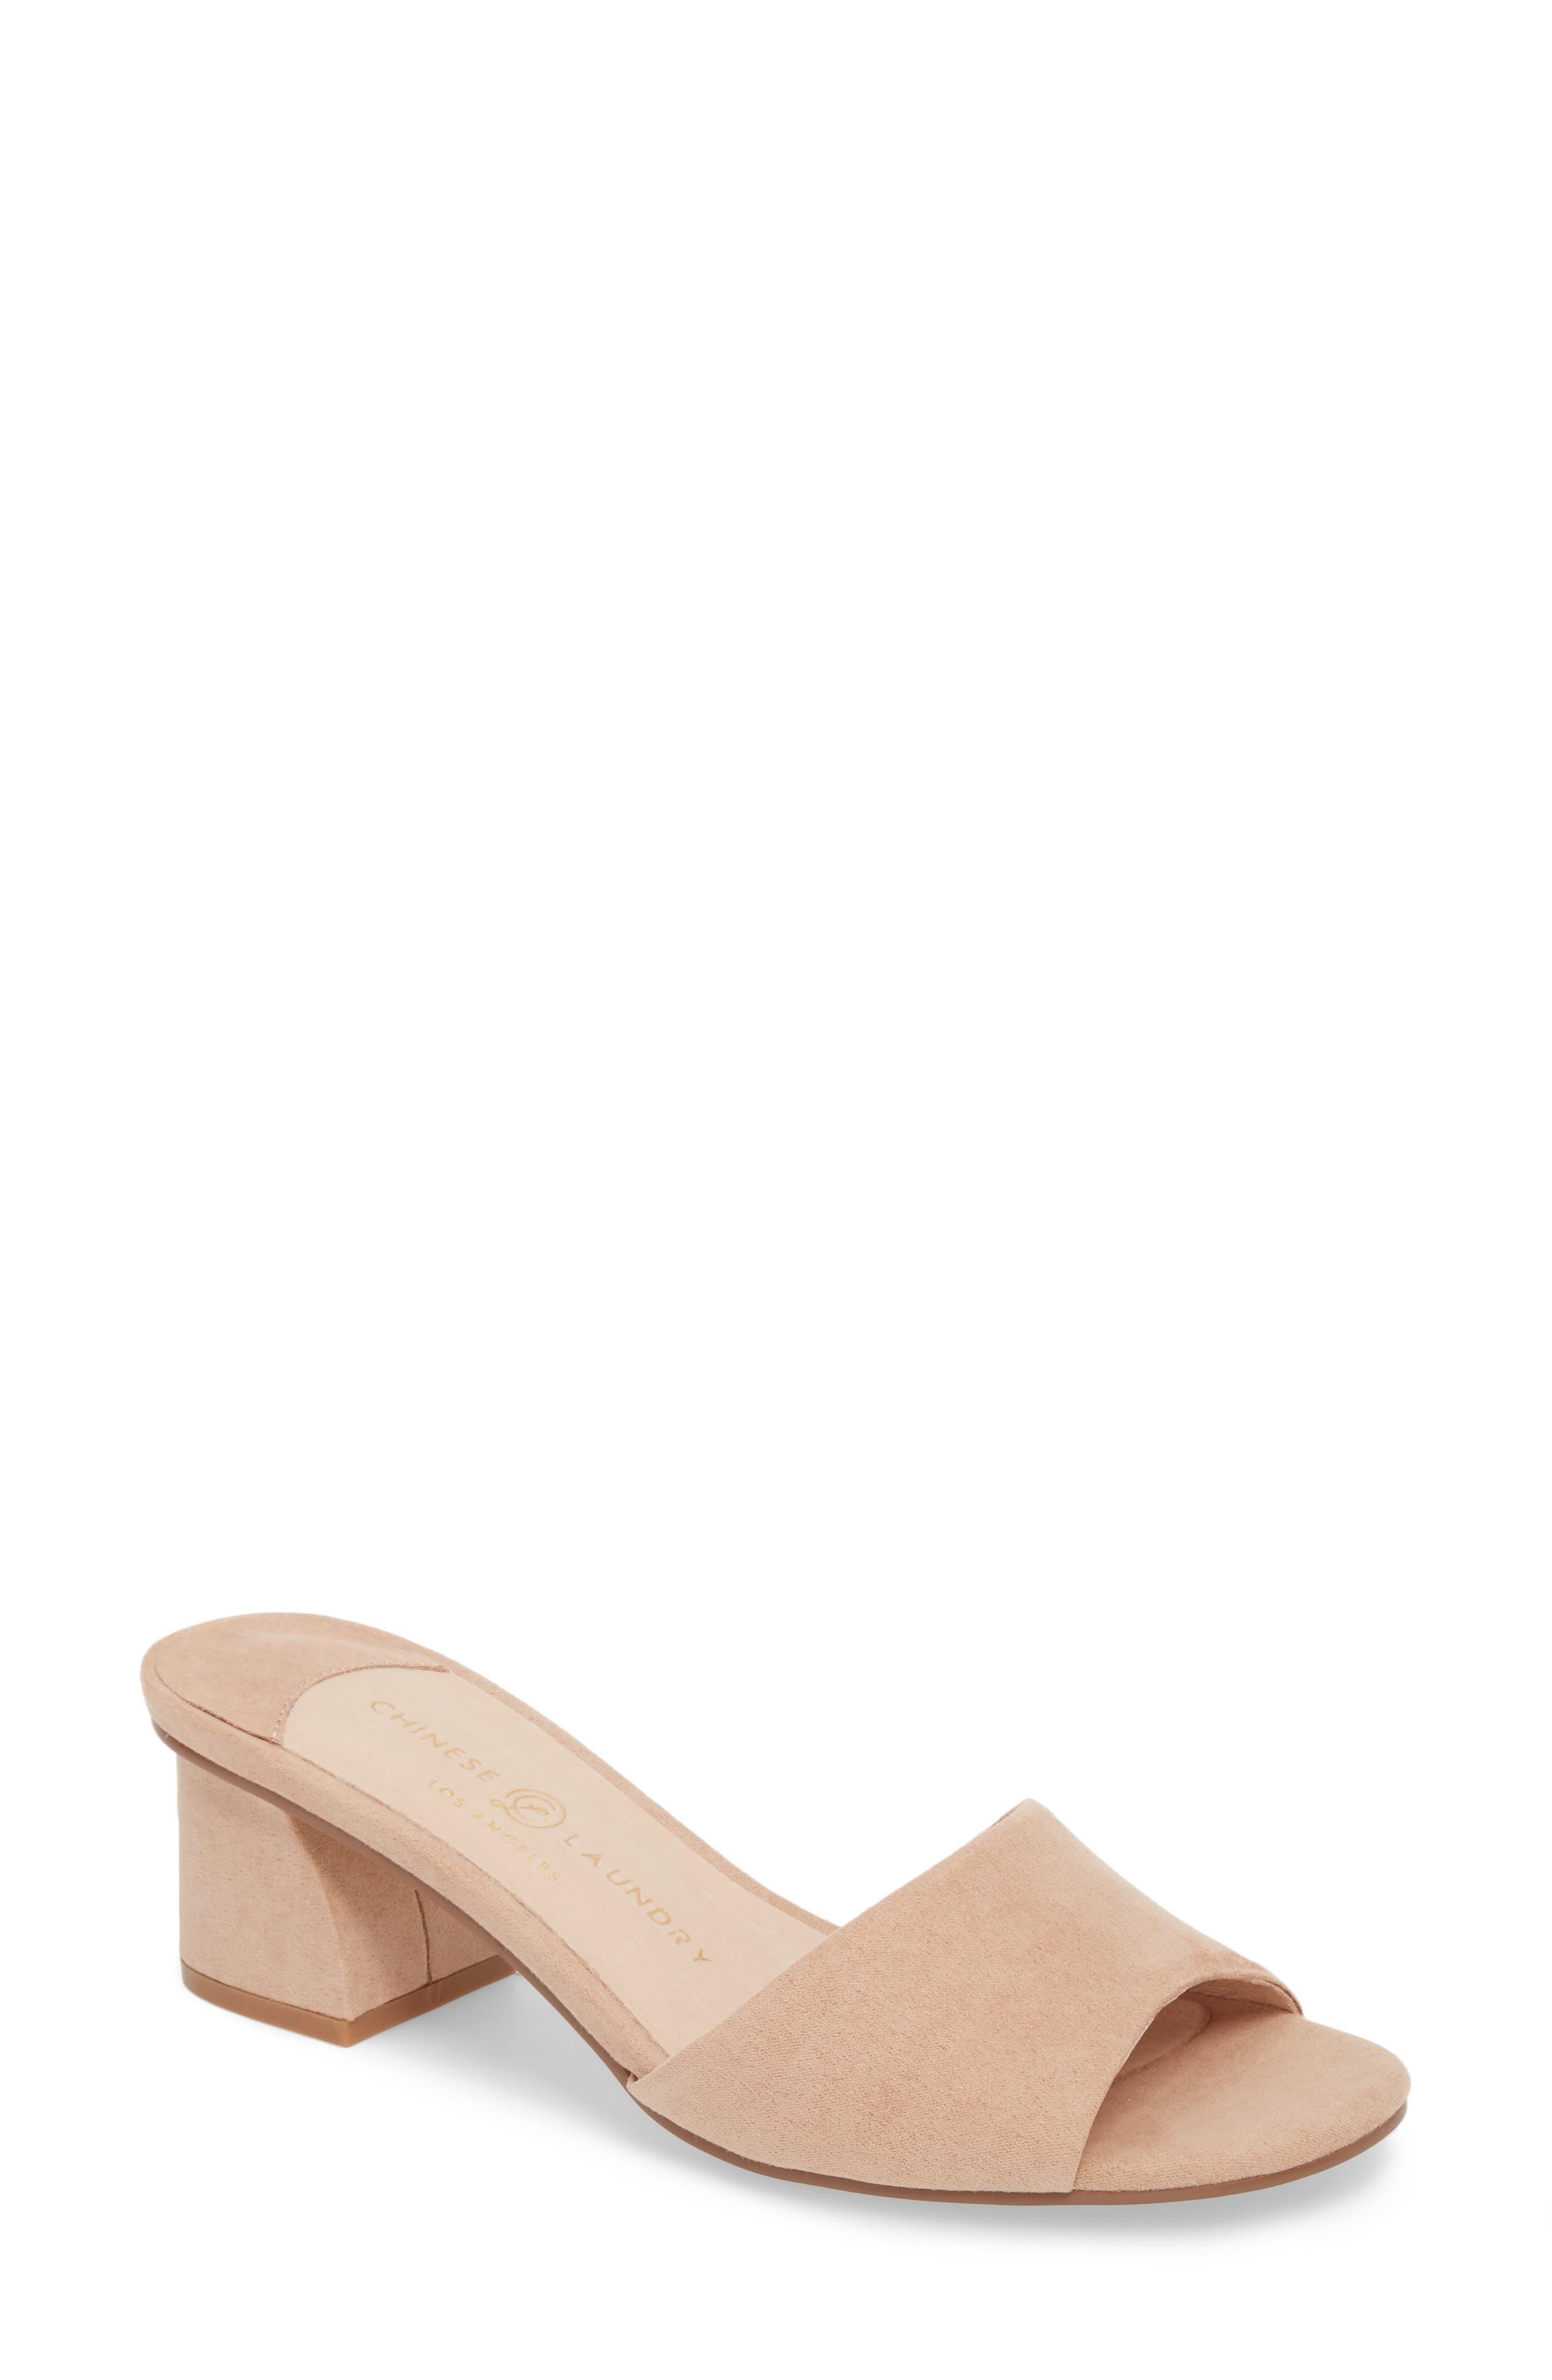 My Girl Slide Sandal,                         Main,                         color, 275